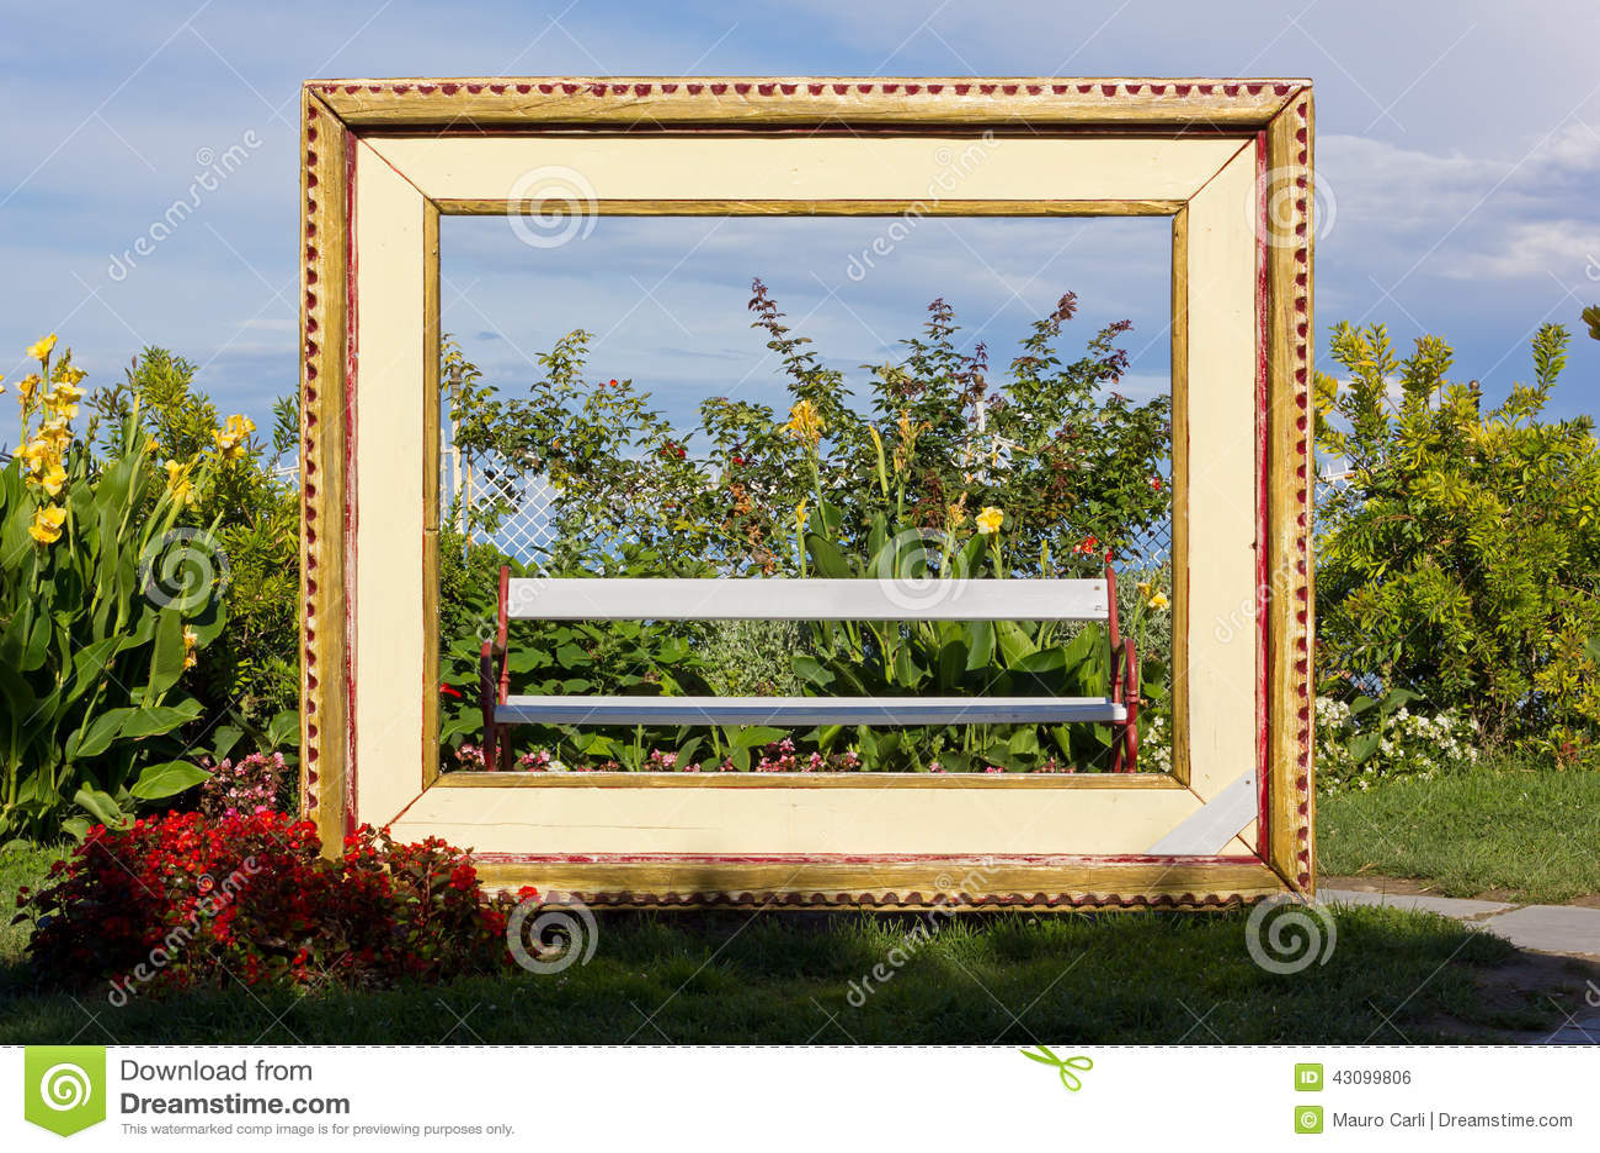 Riesiger Rahmen Für Lebende Malerei Stockfoto - Bild von einstellung ...